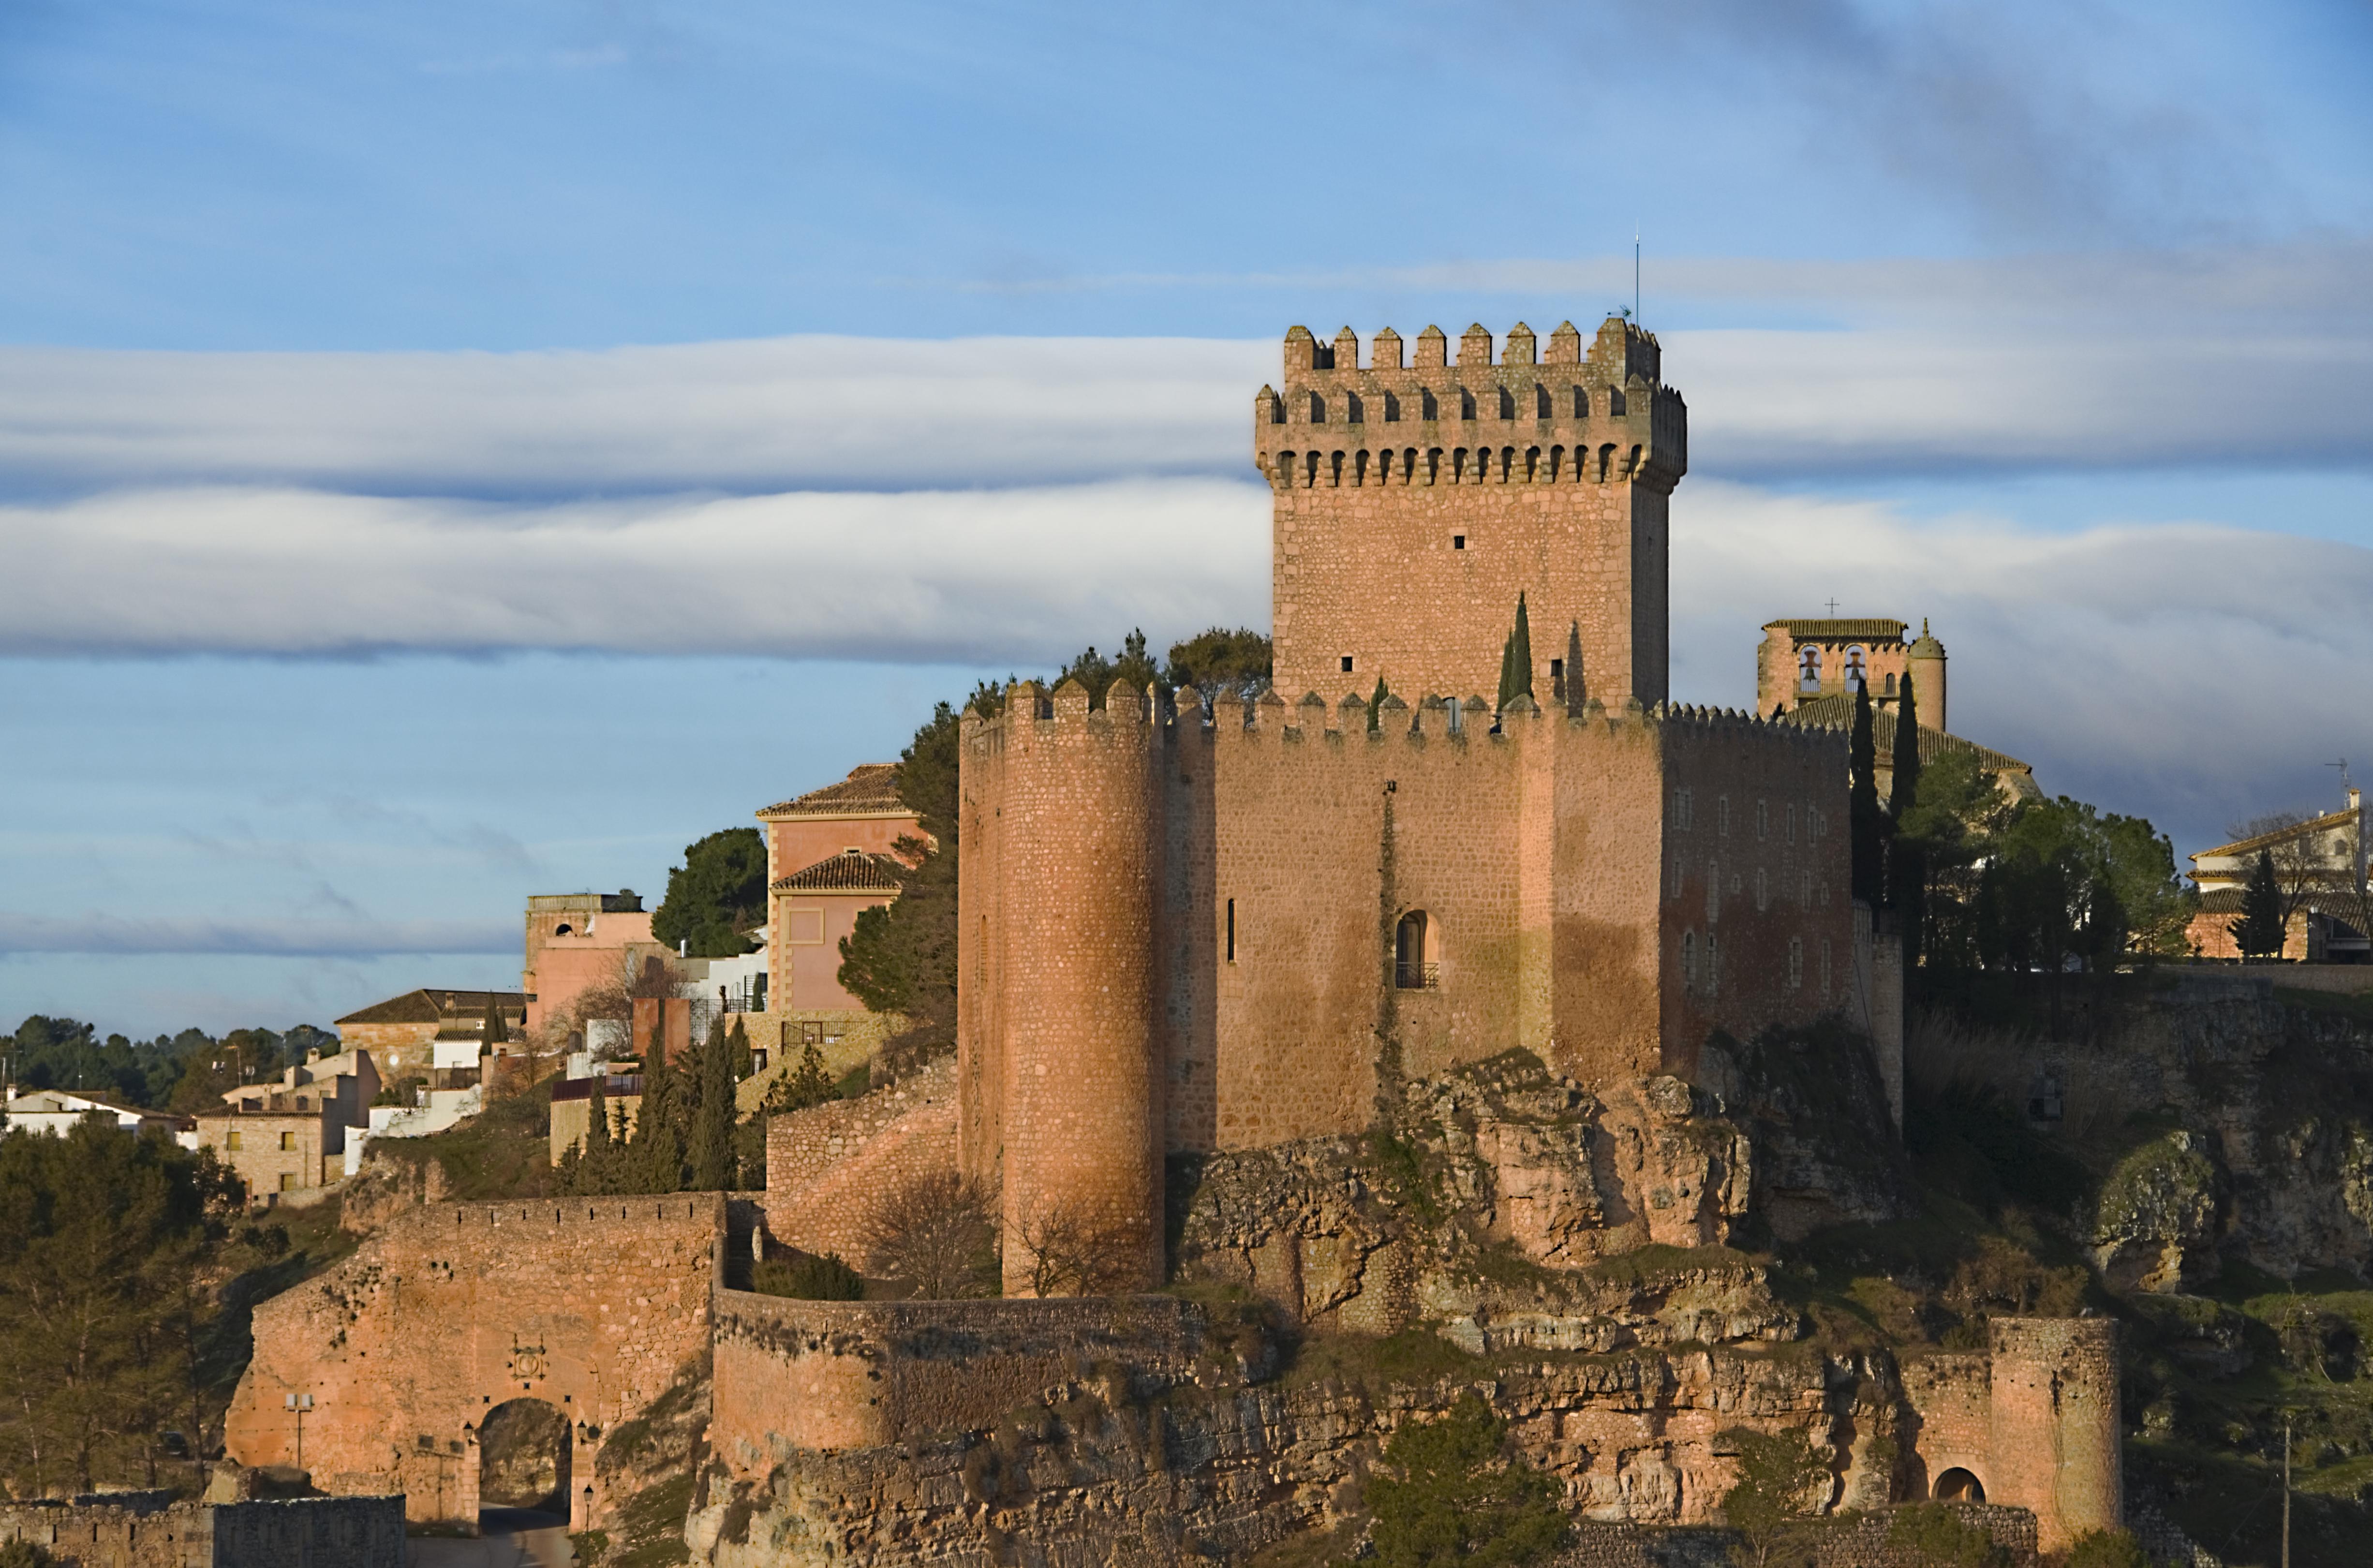 Alarcon Spain  city images : Fitxer:Castillo de las Altas Torres Alarcón Viquipèdia, l ...